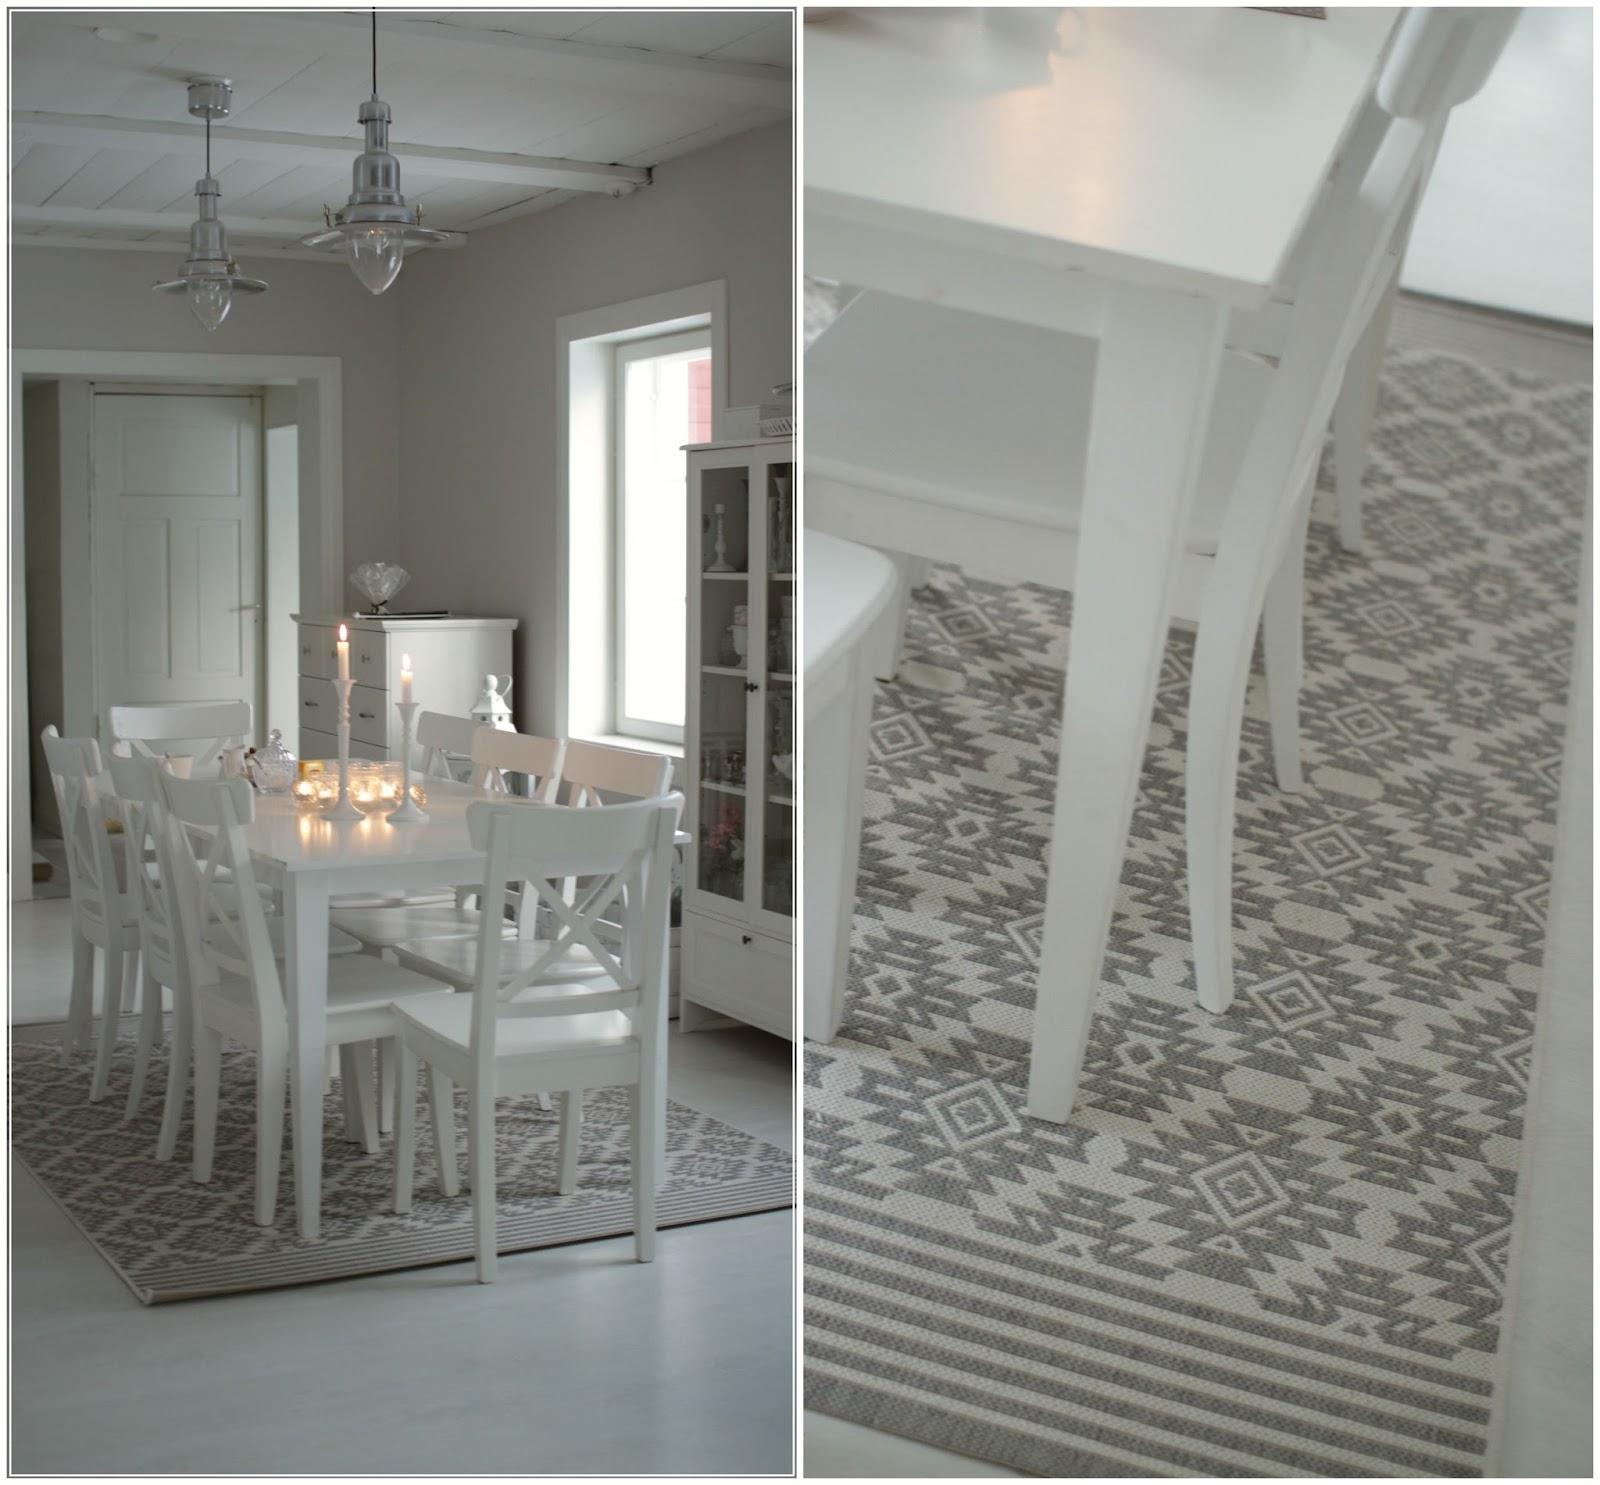 Dolce vita   det ljuva livet: vårt hem är möblerat!